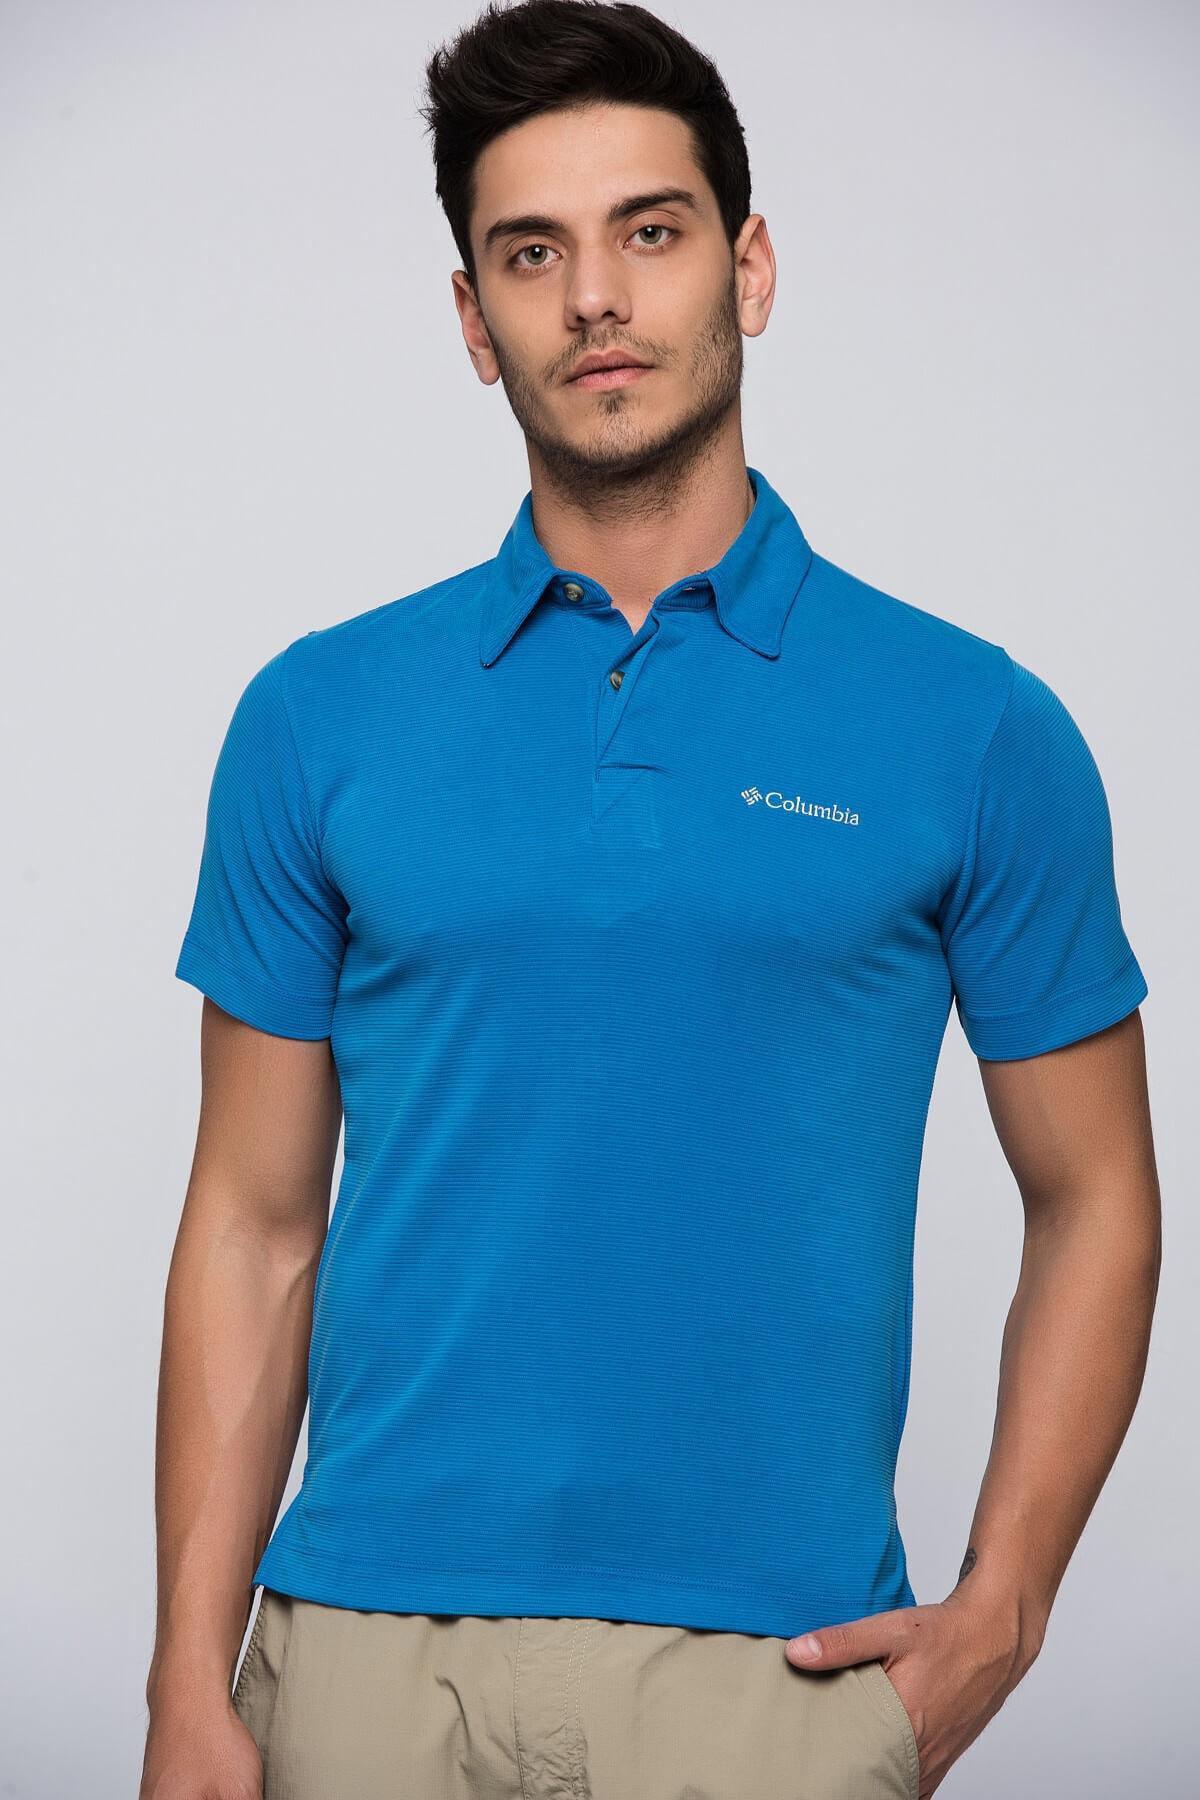 Columbia Erkek Sun Rıdge Polo Yaka T-shirt 02111ym0009n 1